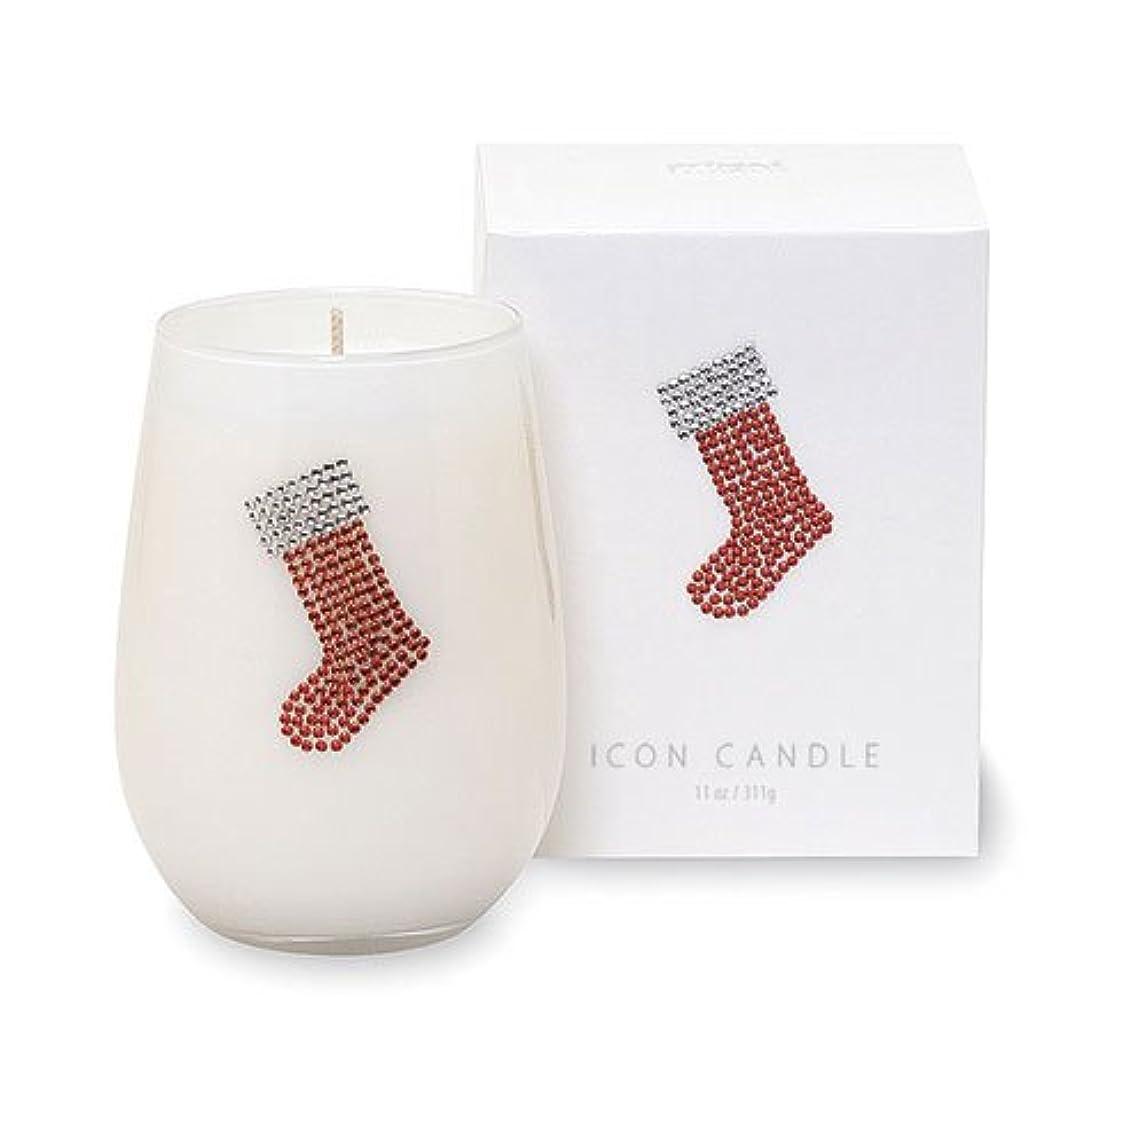 フォーク受信機クリスマスアイコンキャンドル/くつ下ウィンターミントの香り キャンドル